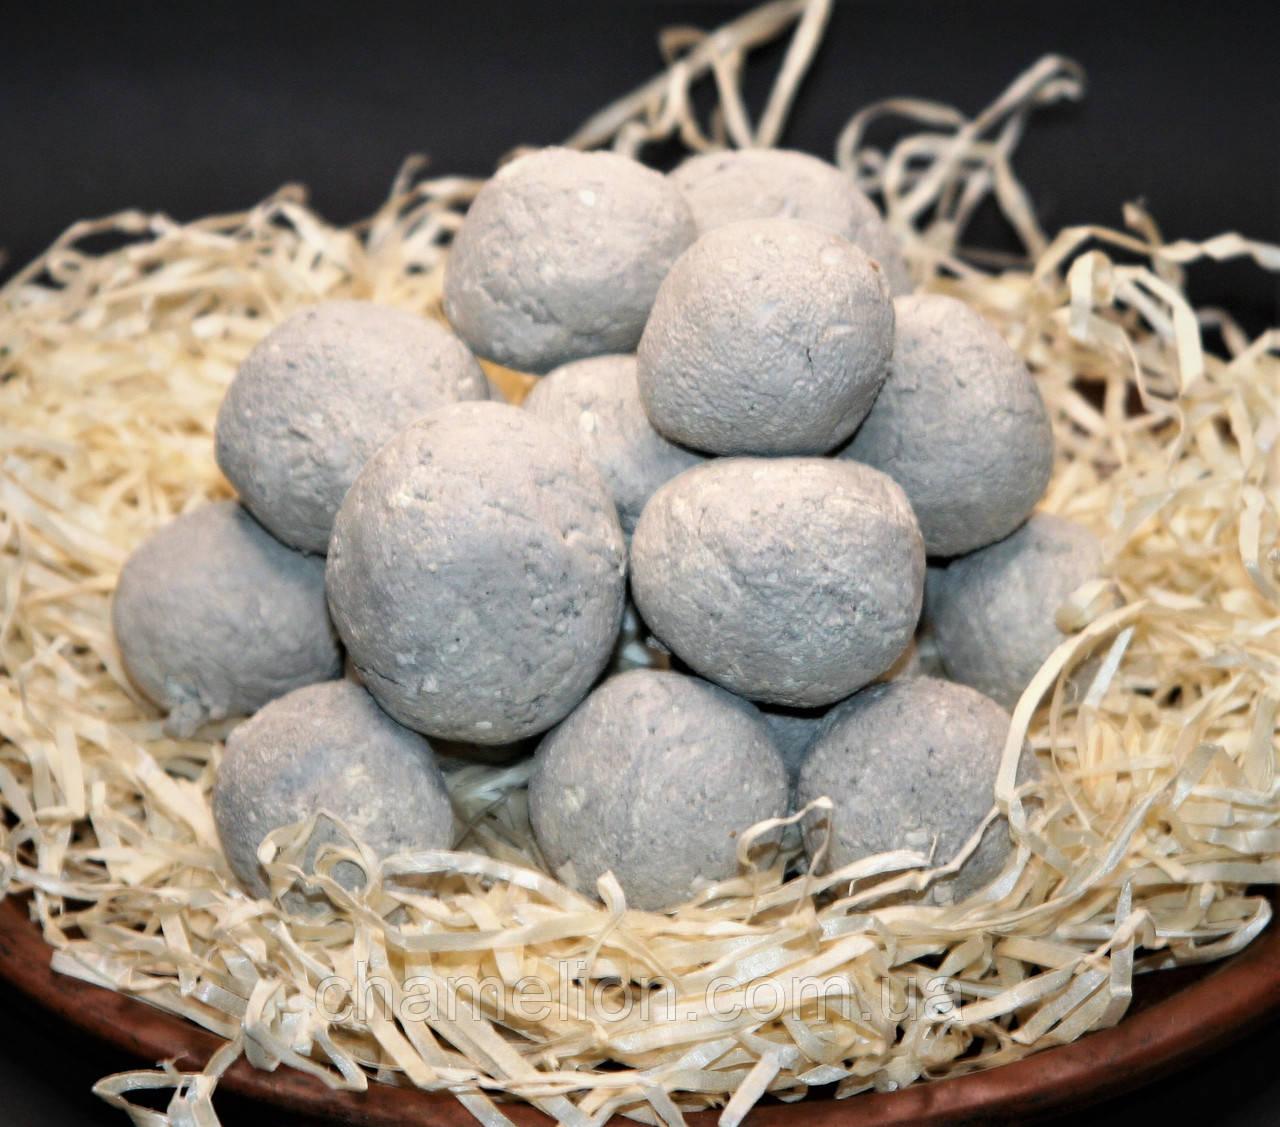 Кульки з білої глини і блакитної глини 5 штук (Шарики из белой глины и голубой глины 5 штук)